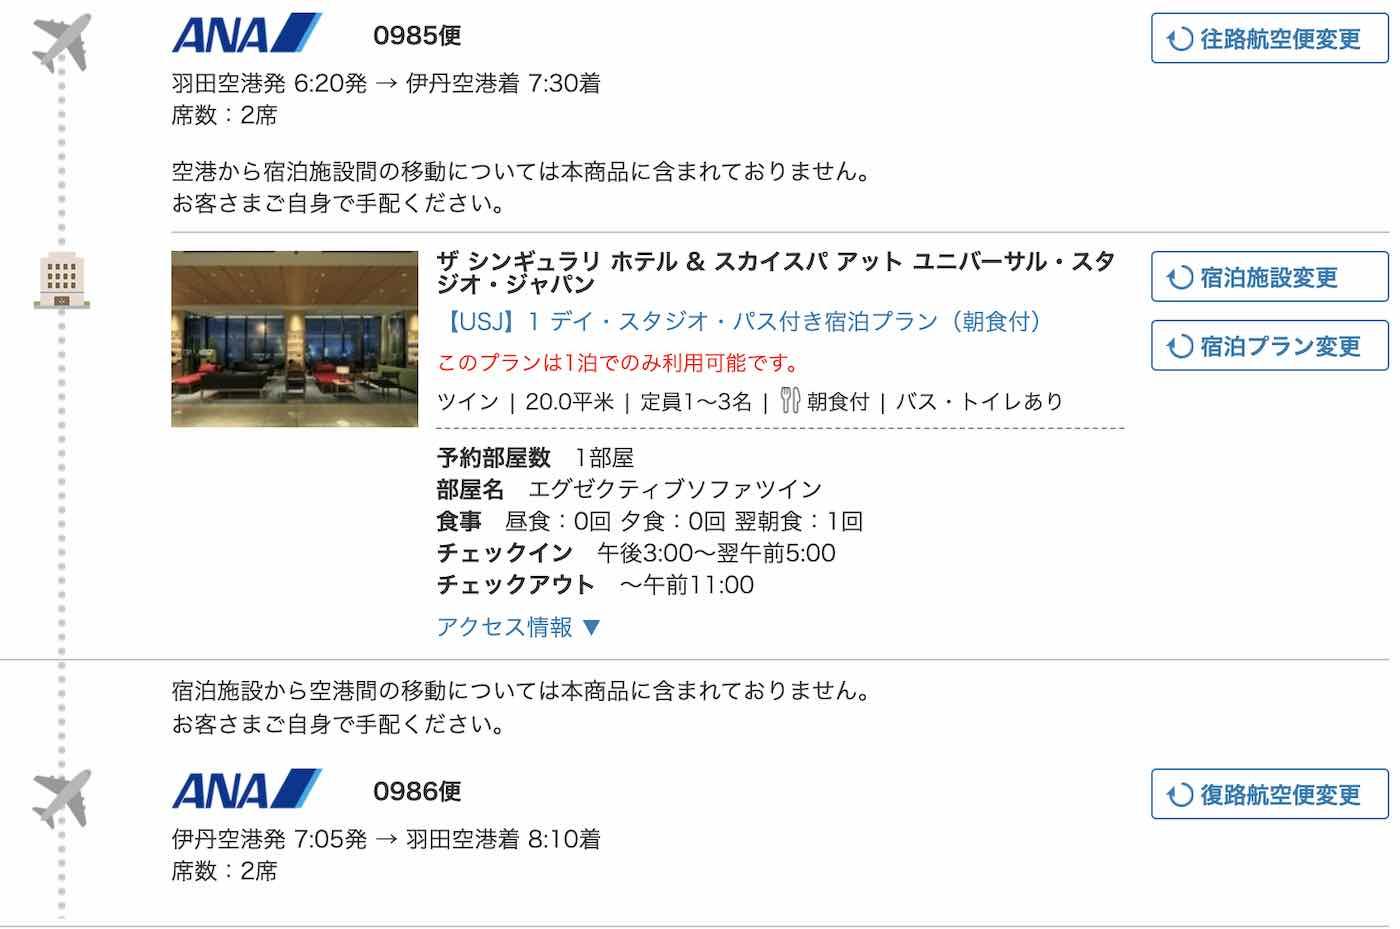 ヤフートラベル・USJ・予約画面